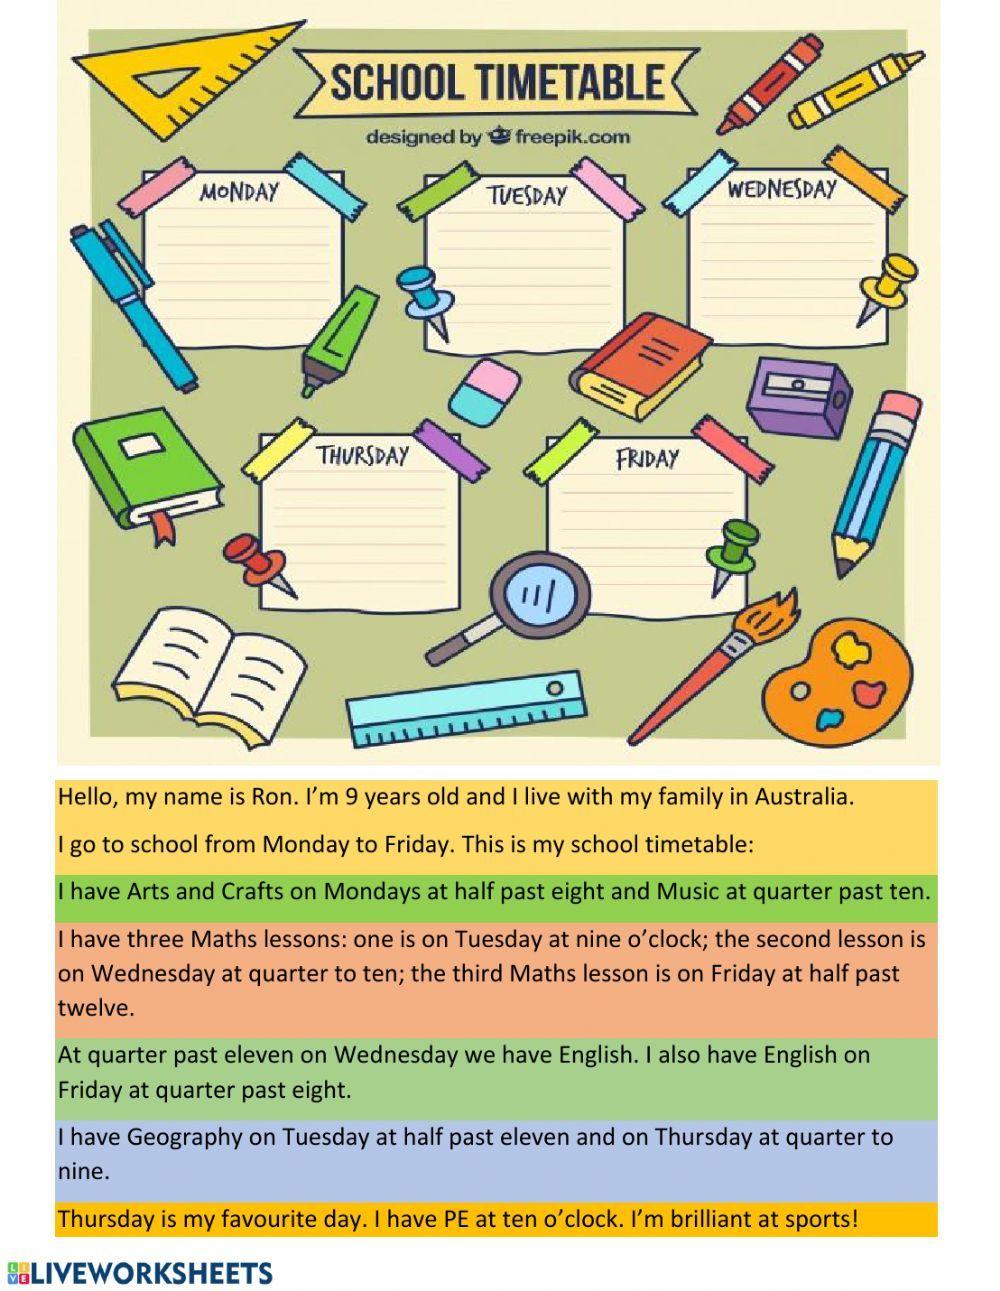 School Timetable Interactive Worksheet School Timetable School Subjects School [ 1291 x 1000 Pixel ]